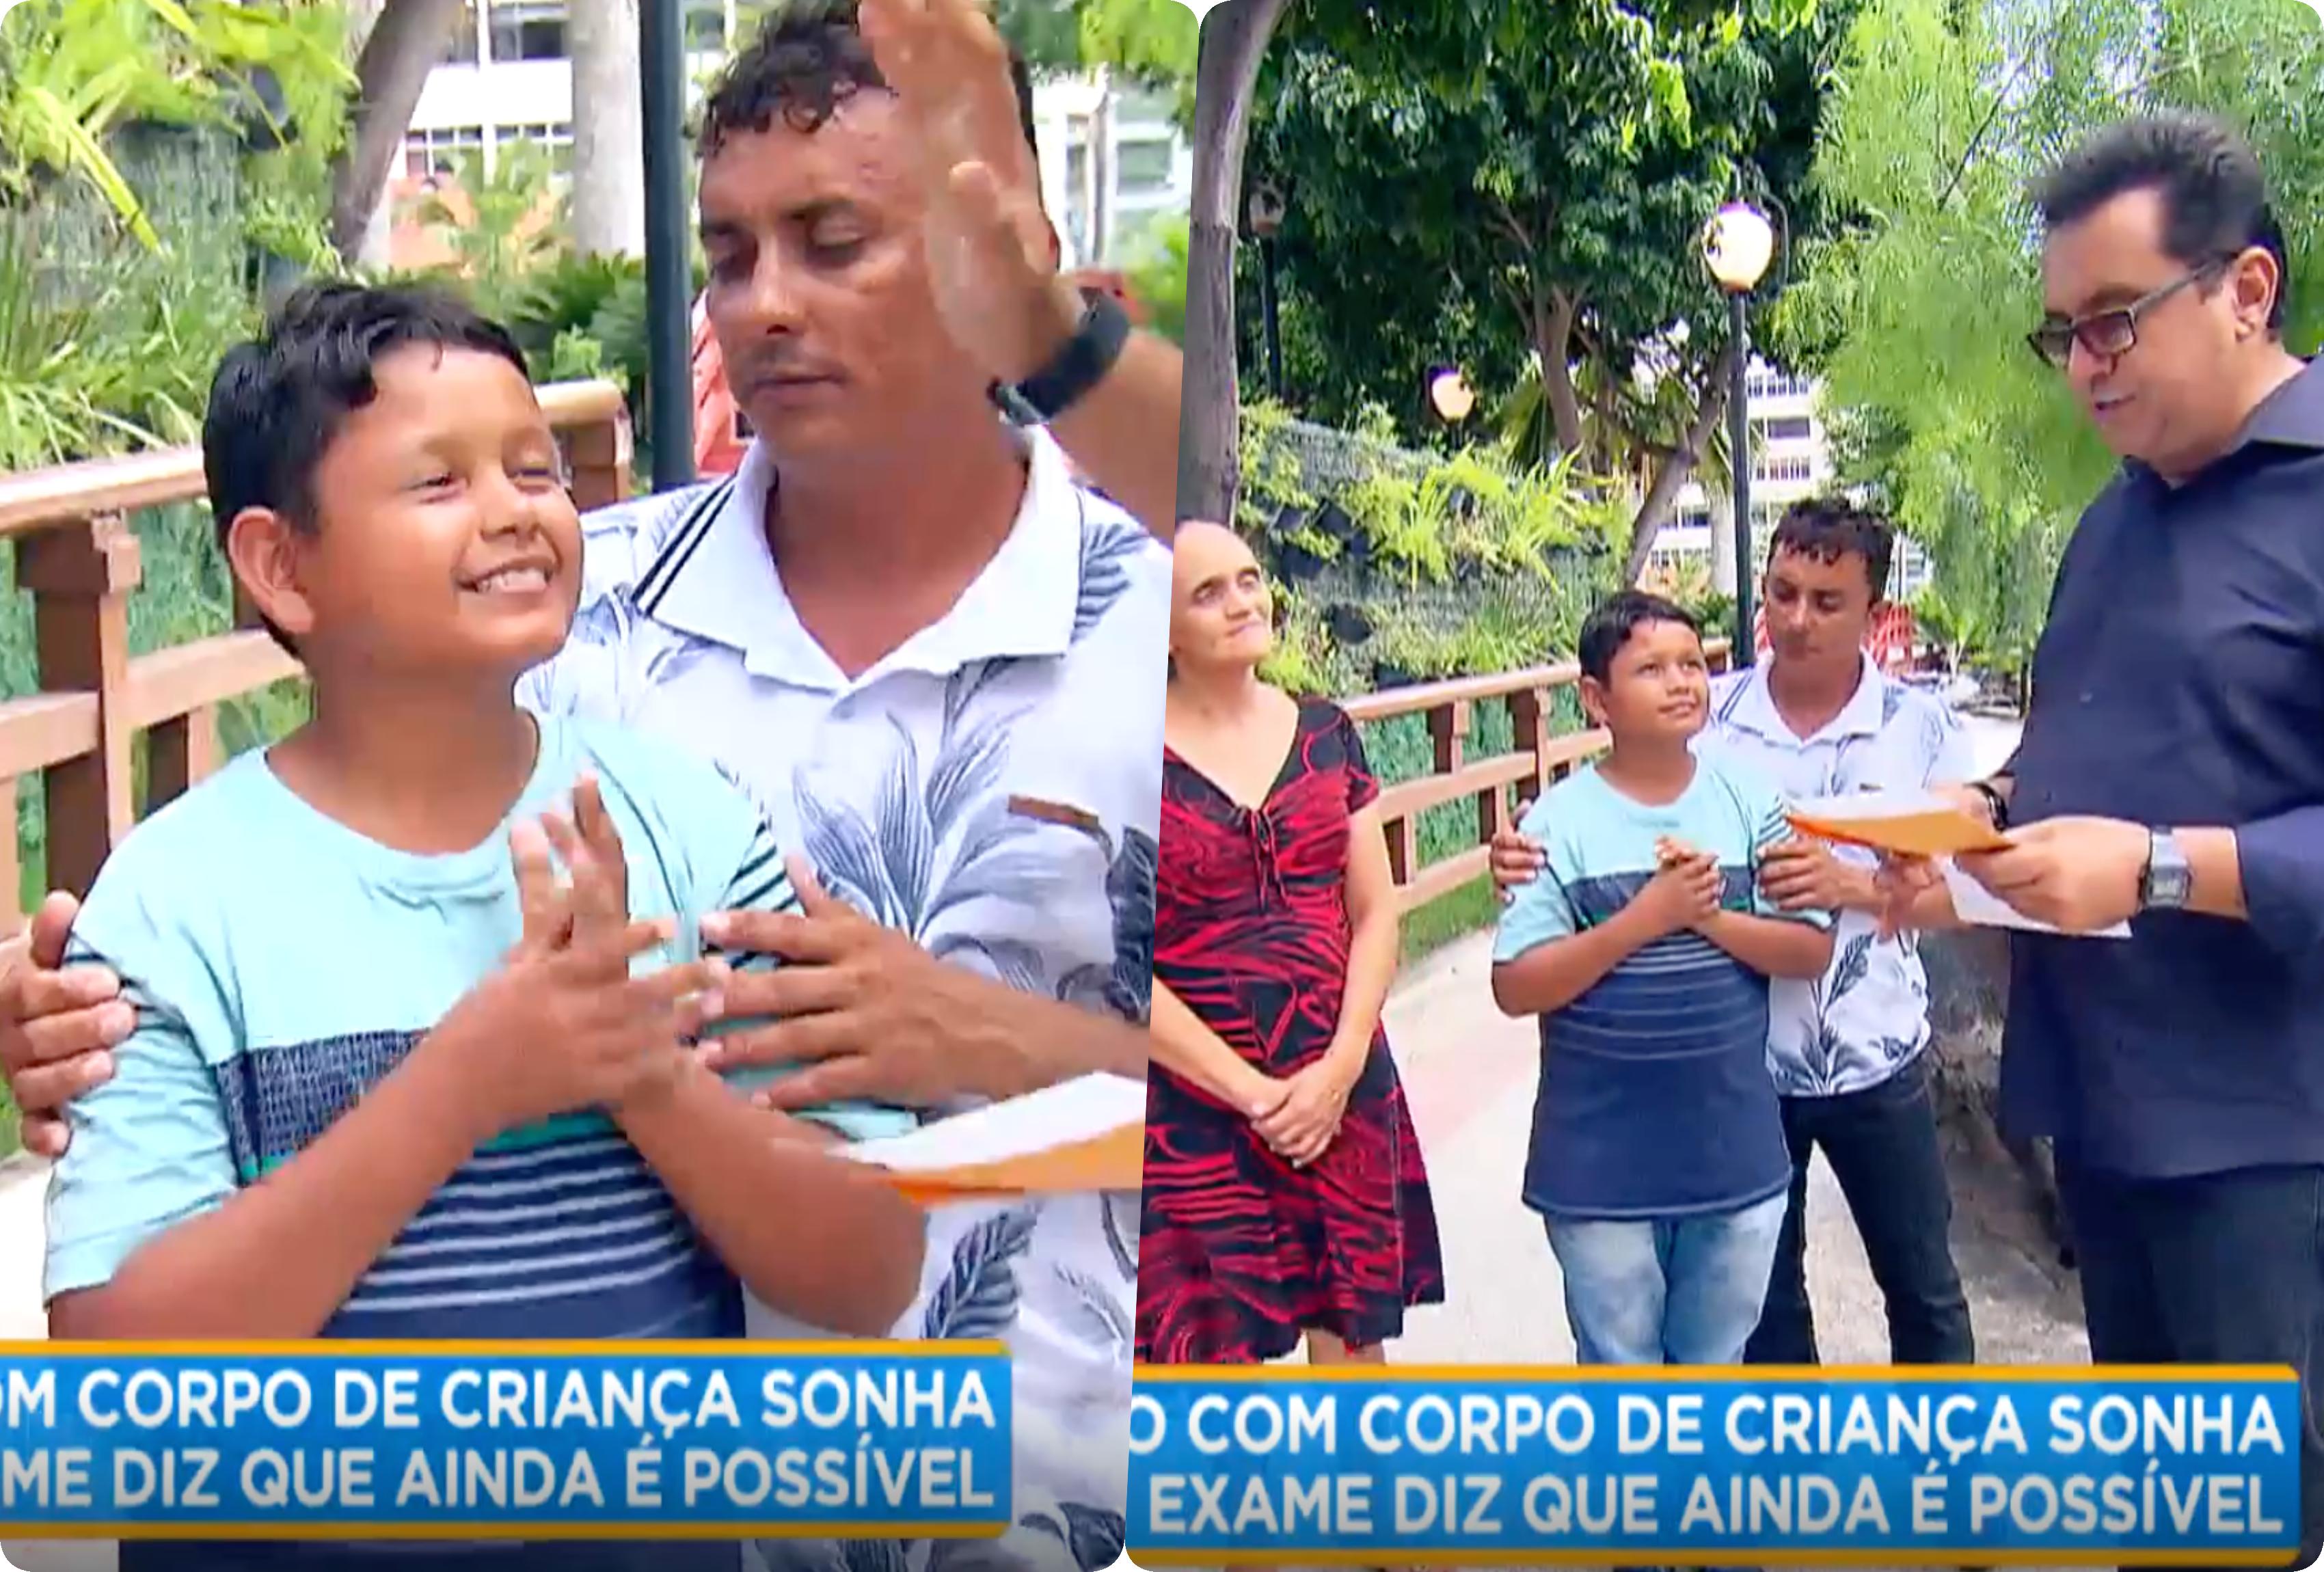 Geraldo Luis emocionou o Brasil com história de rapaz preso em um corpo de criança